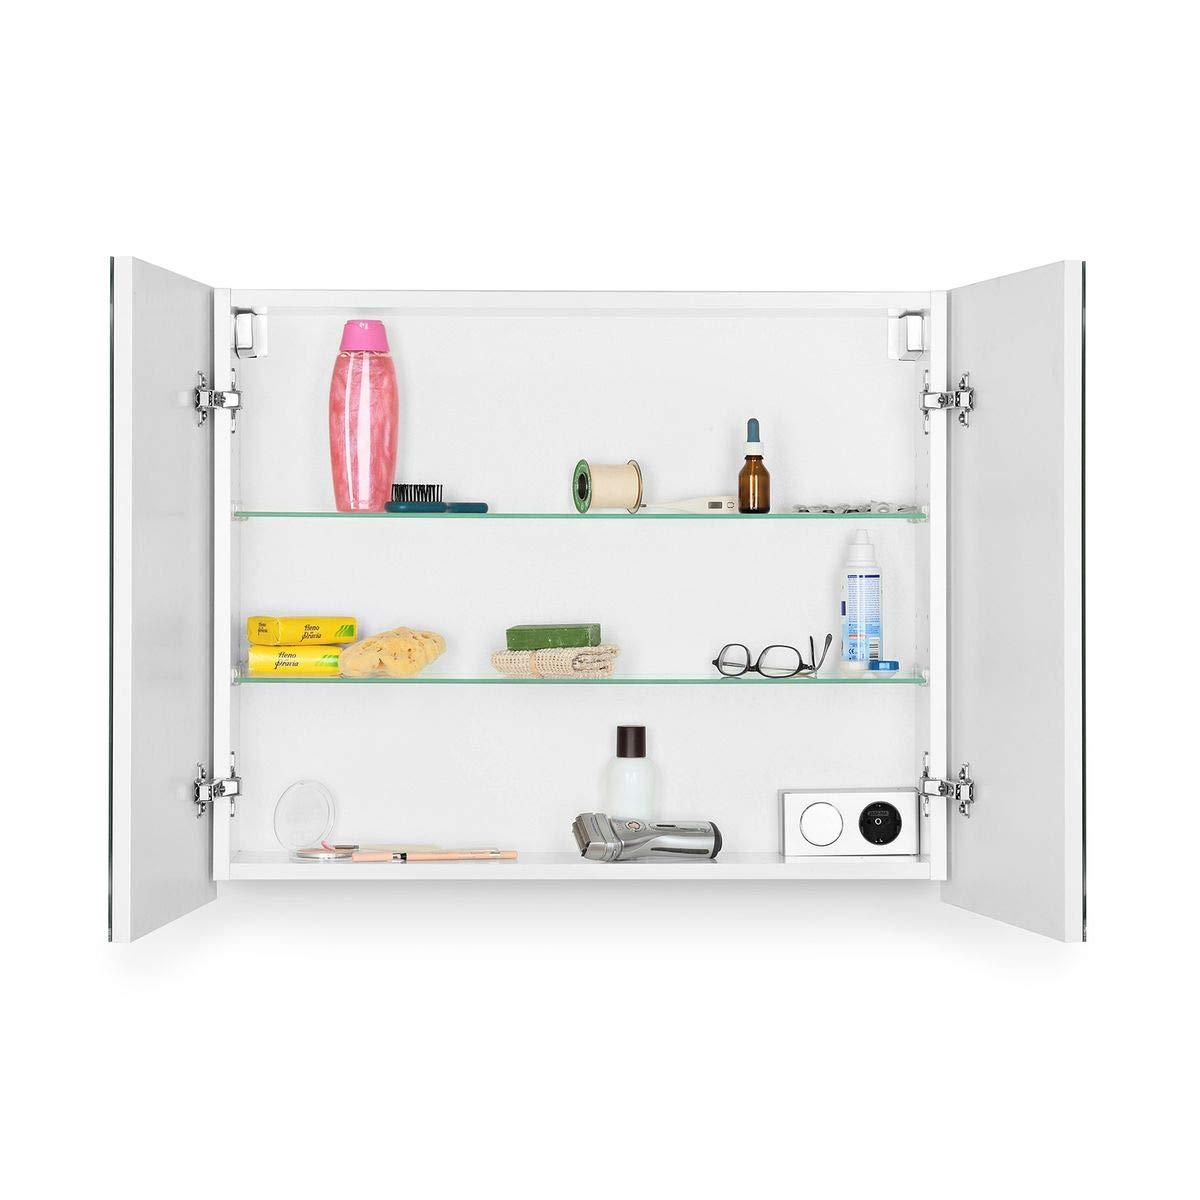 Beleuchtung Softclose Funktion Steckdose Badezimmer Spiegel Flurspiegel Galdem Spiegelschrank EDGE80 Badezimmerschrank 80cm 2 t/ürig mit LED